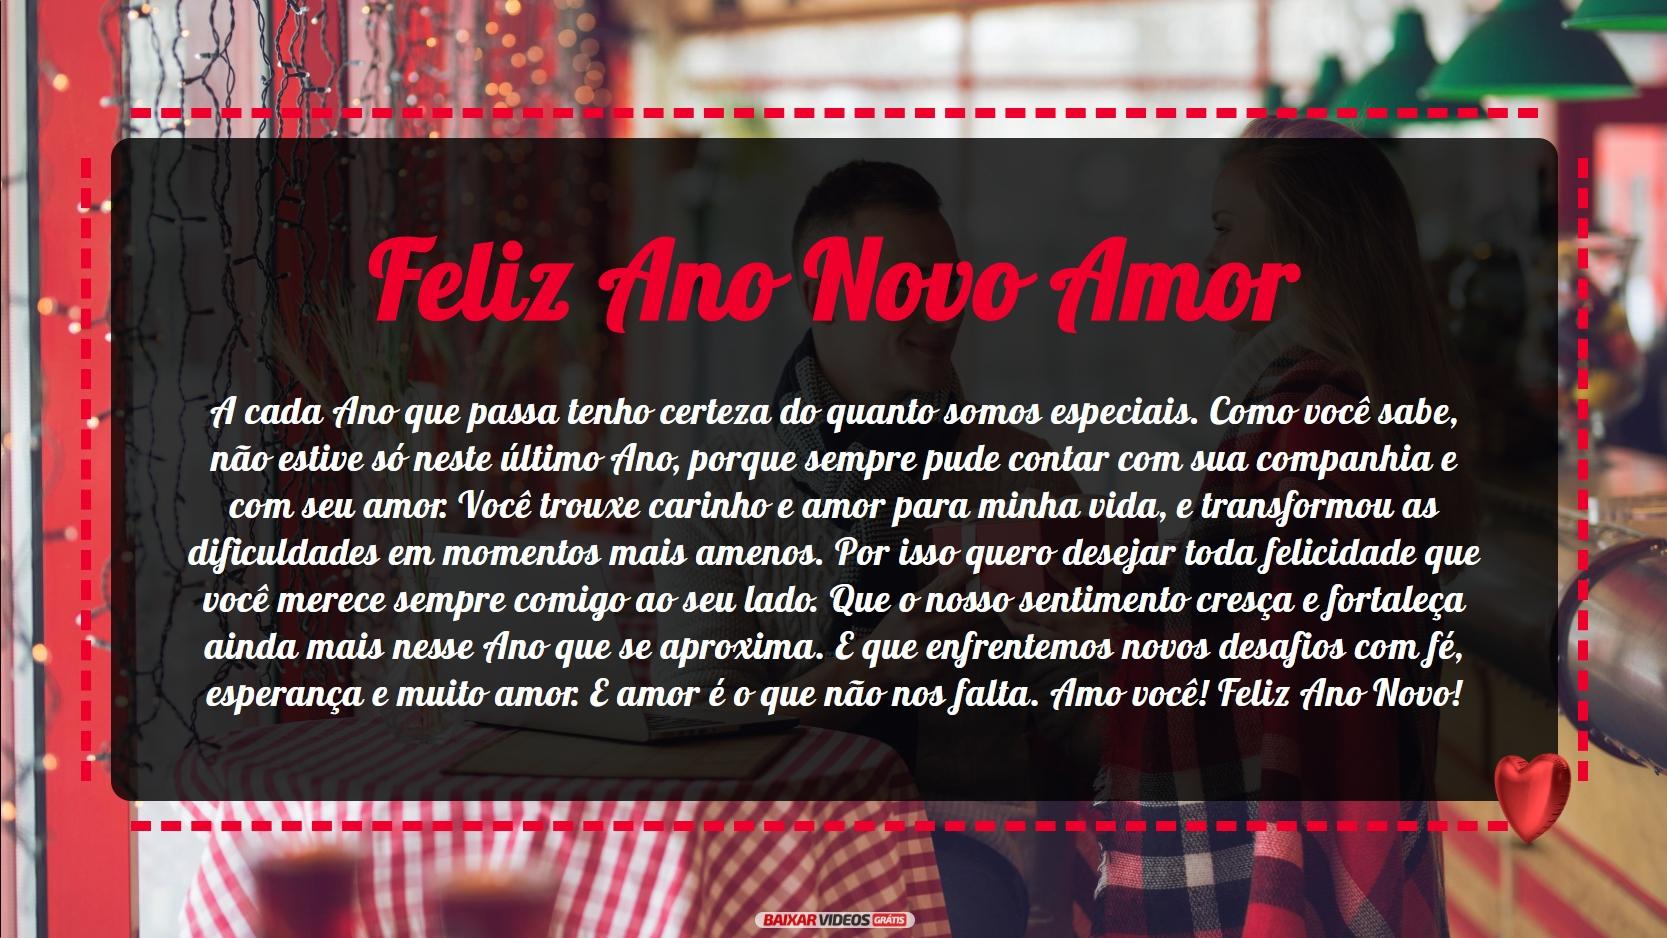 Feliz Ano Novo Amor! A cada Ano que passa tenho certeza do quanto somos especiais. Como você sabe, não estive só neste último Ano, porque sempre pude contar com sua companhia e com seu amor. Você trouxe carinho e amor para minha vida, e transformou as dificuldades em momentos mais amenos. Por isso quero desejar toda felicidade que você merece sempre comigo ao seu lado. Que o nosso sentimento cresça e fortaleça ainda mais nesse Ano que se aproxima. E que enfrentemos novos desafios com fé, esperança e muito amor. E amor é o que não nos falta. Amo você! Feliz Ano Novo!